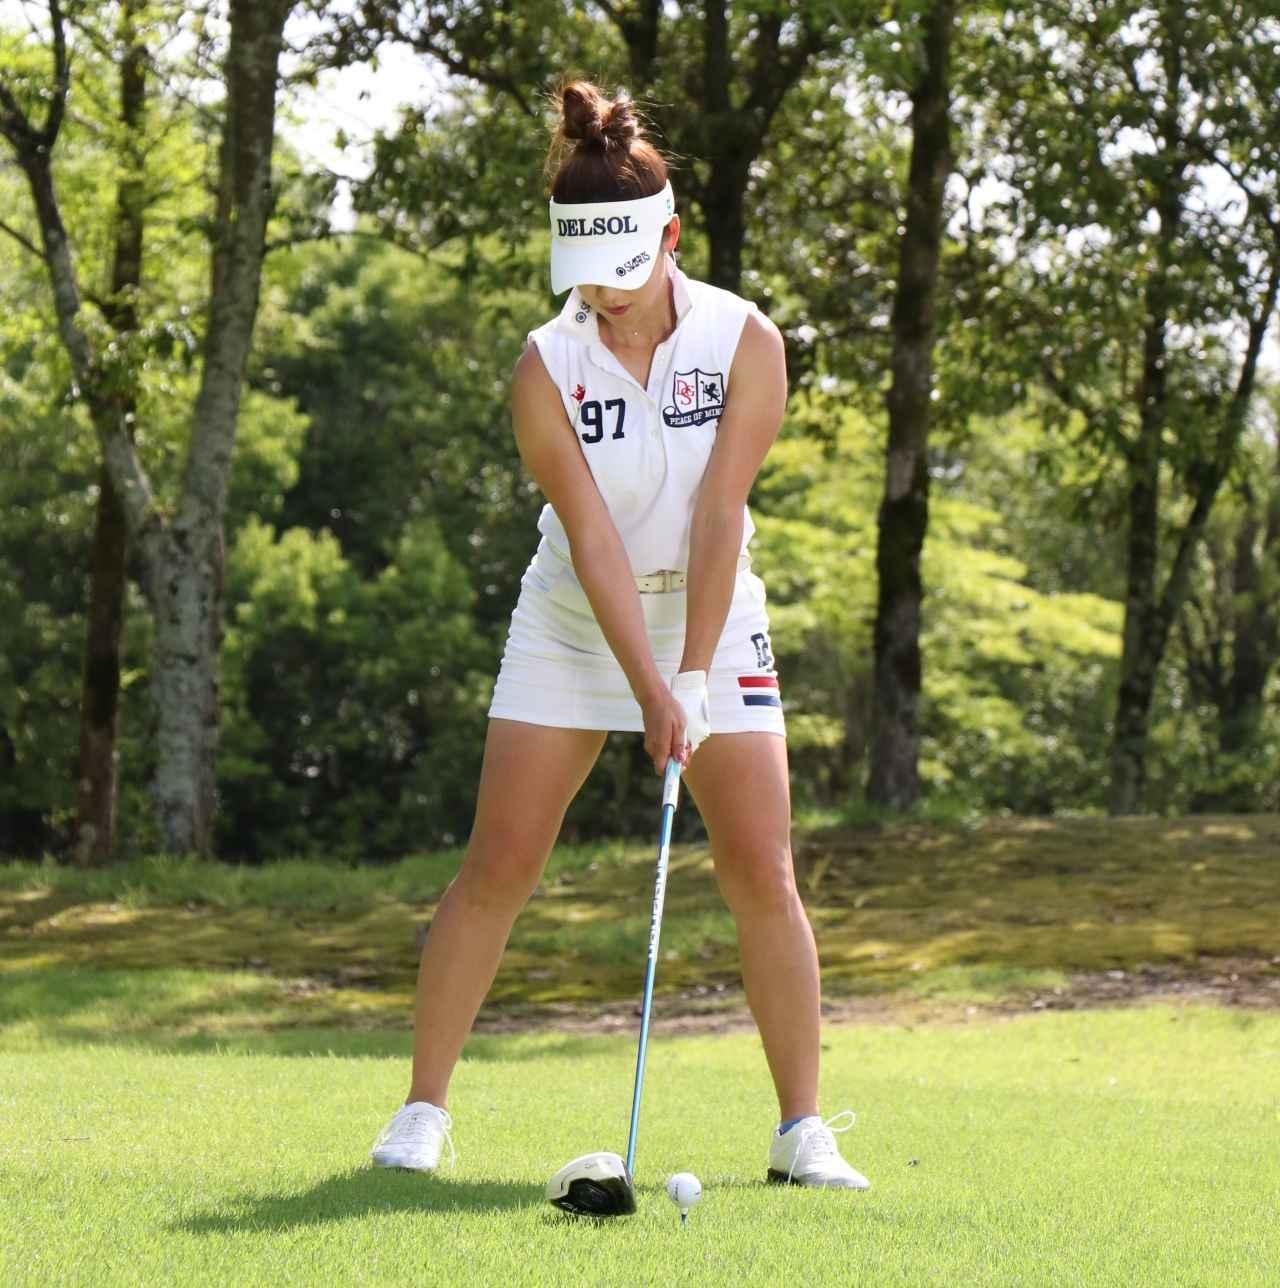 画像1: 【女子プロ百花/兼岩美奈】ガンガン攻めるゴルフが信条です。お団子ヘアを見つけたら応援よろしくお願いします!